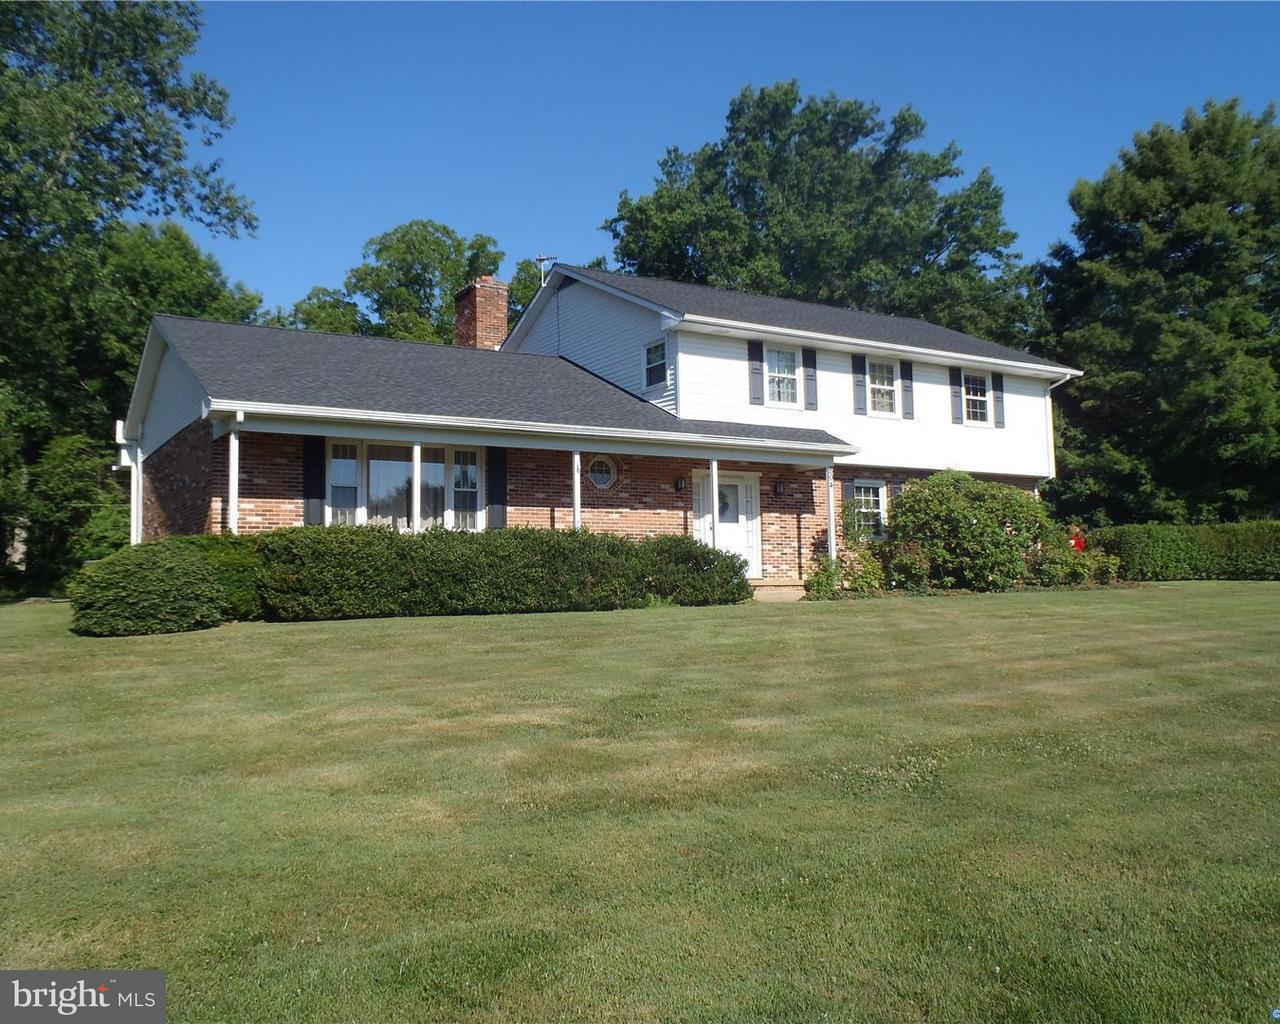 Частный односемейный дом для того Аренда на 804 HIGHFIELD Drive Newark, Делавэр 19713 Соединенные Штаты